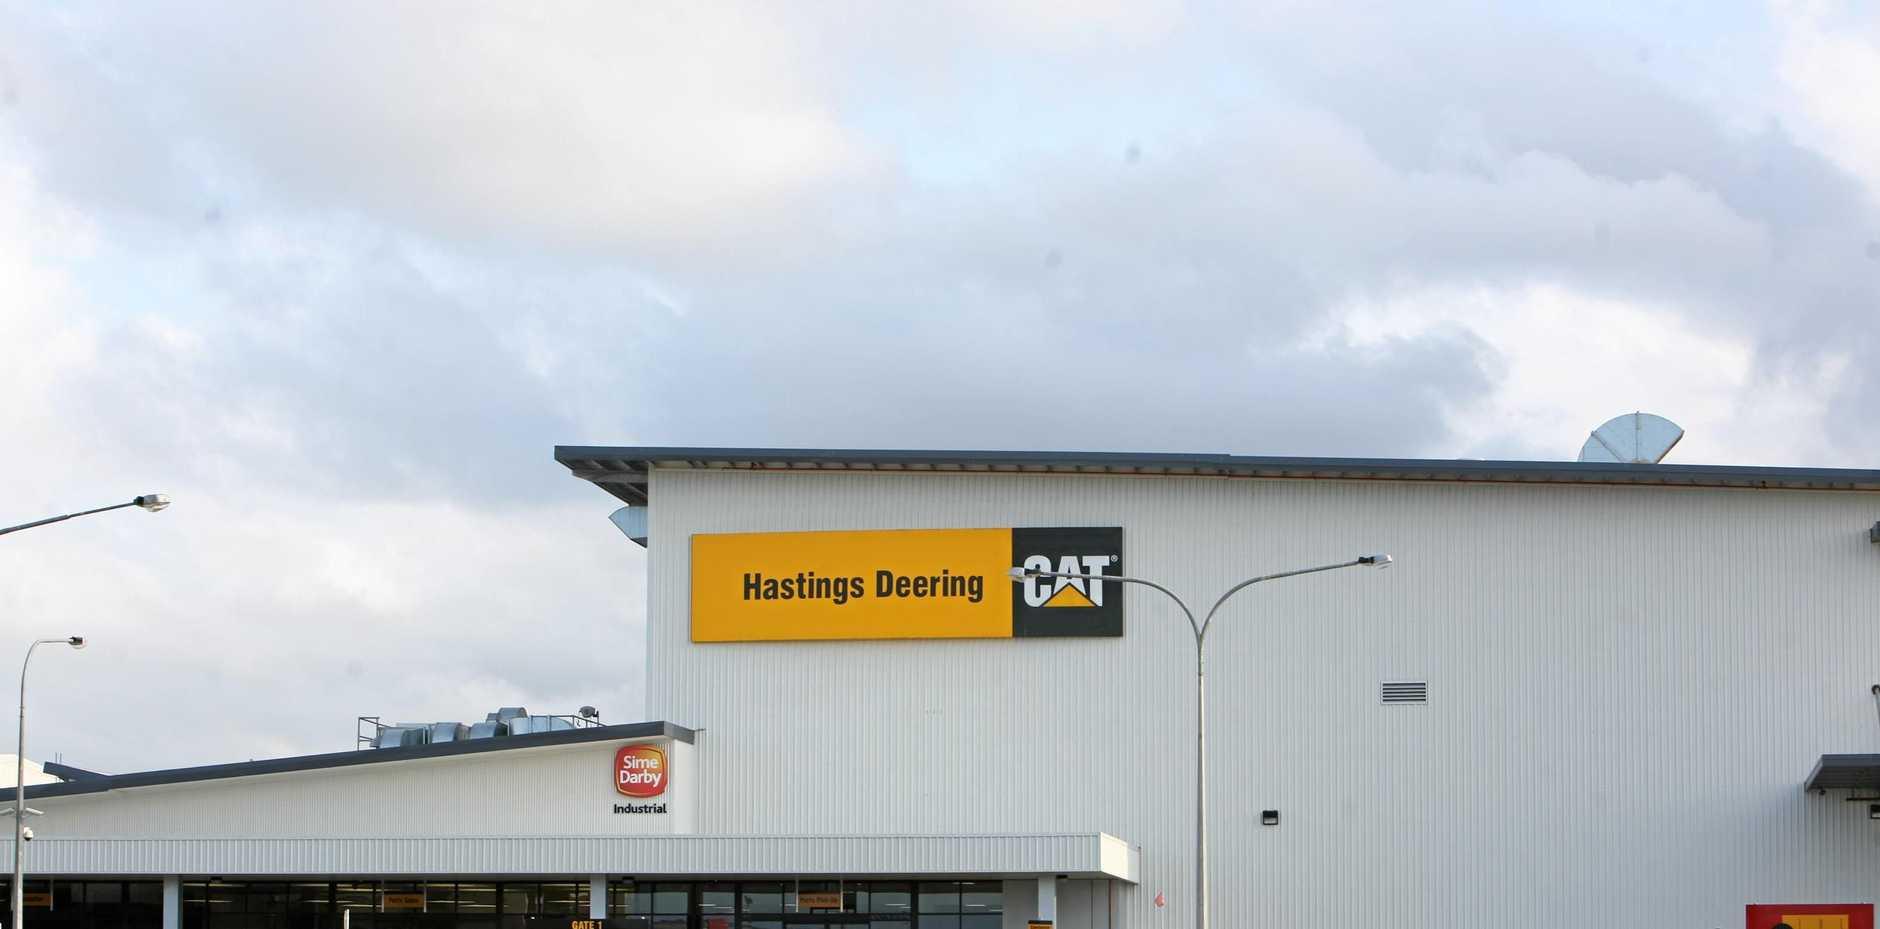 Hastings Deering in Mackay.